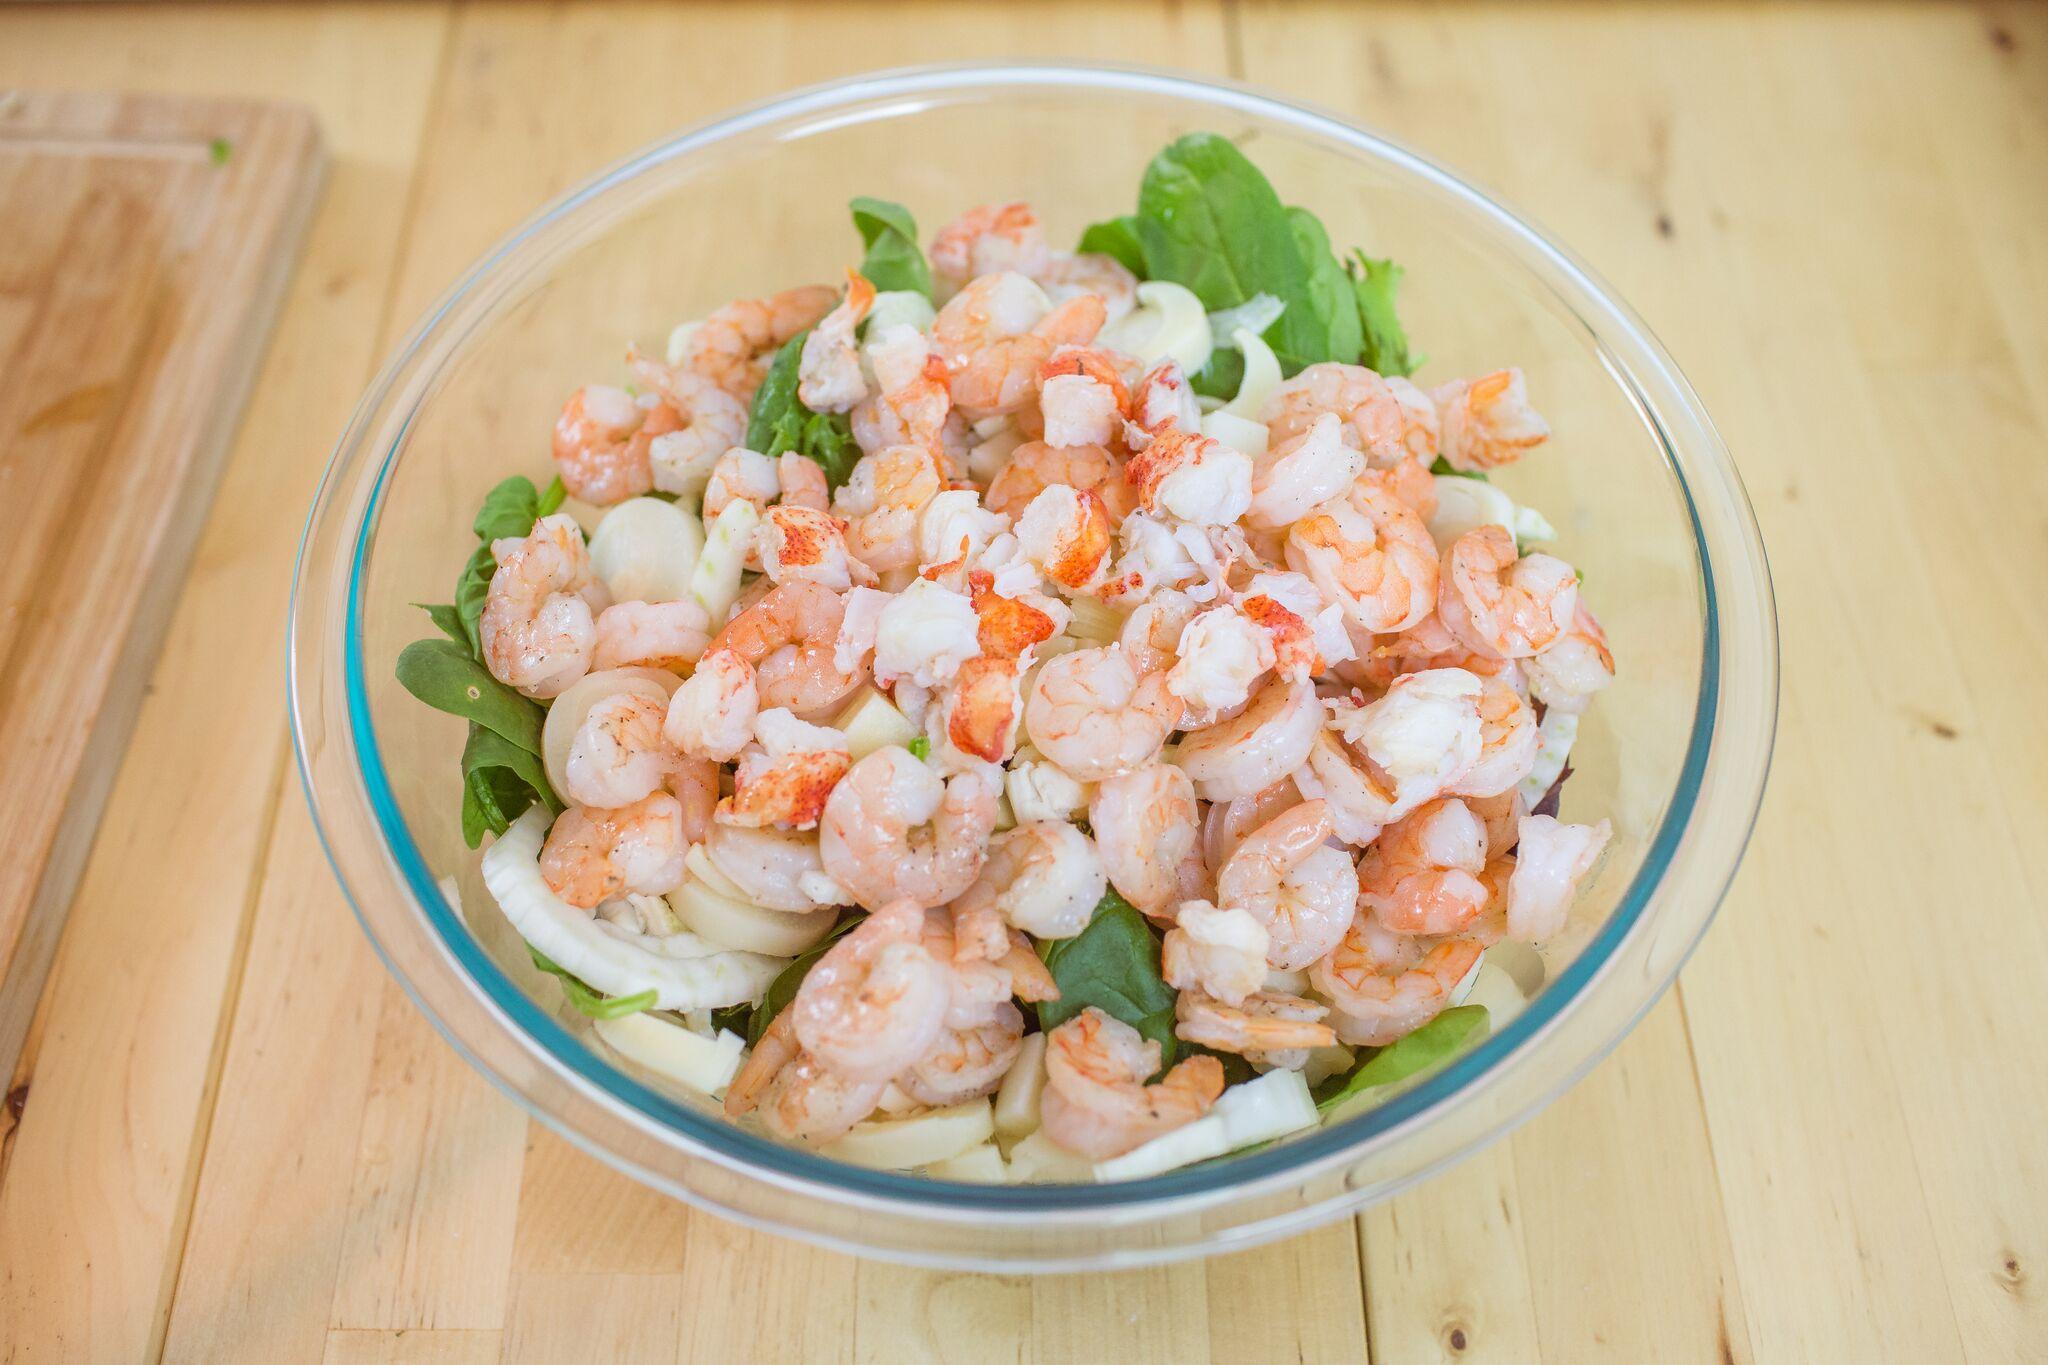 In a large bowl mix together, salad greens, sliced fennel, shrimp, lobster and add salad dressing.